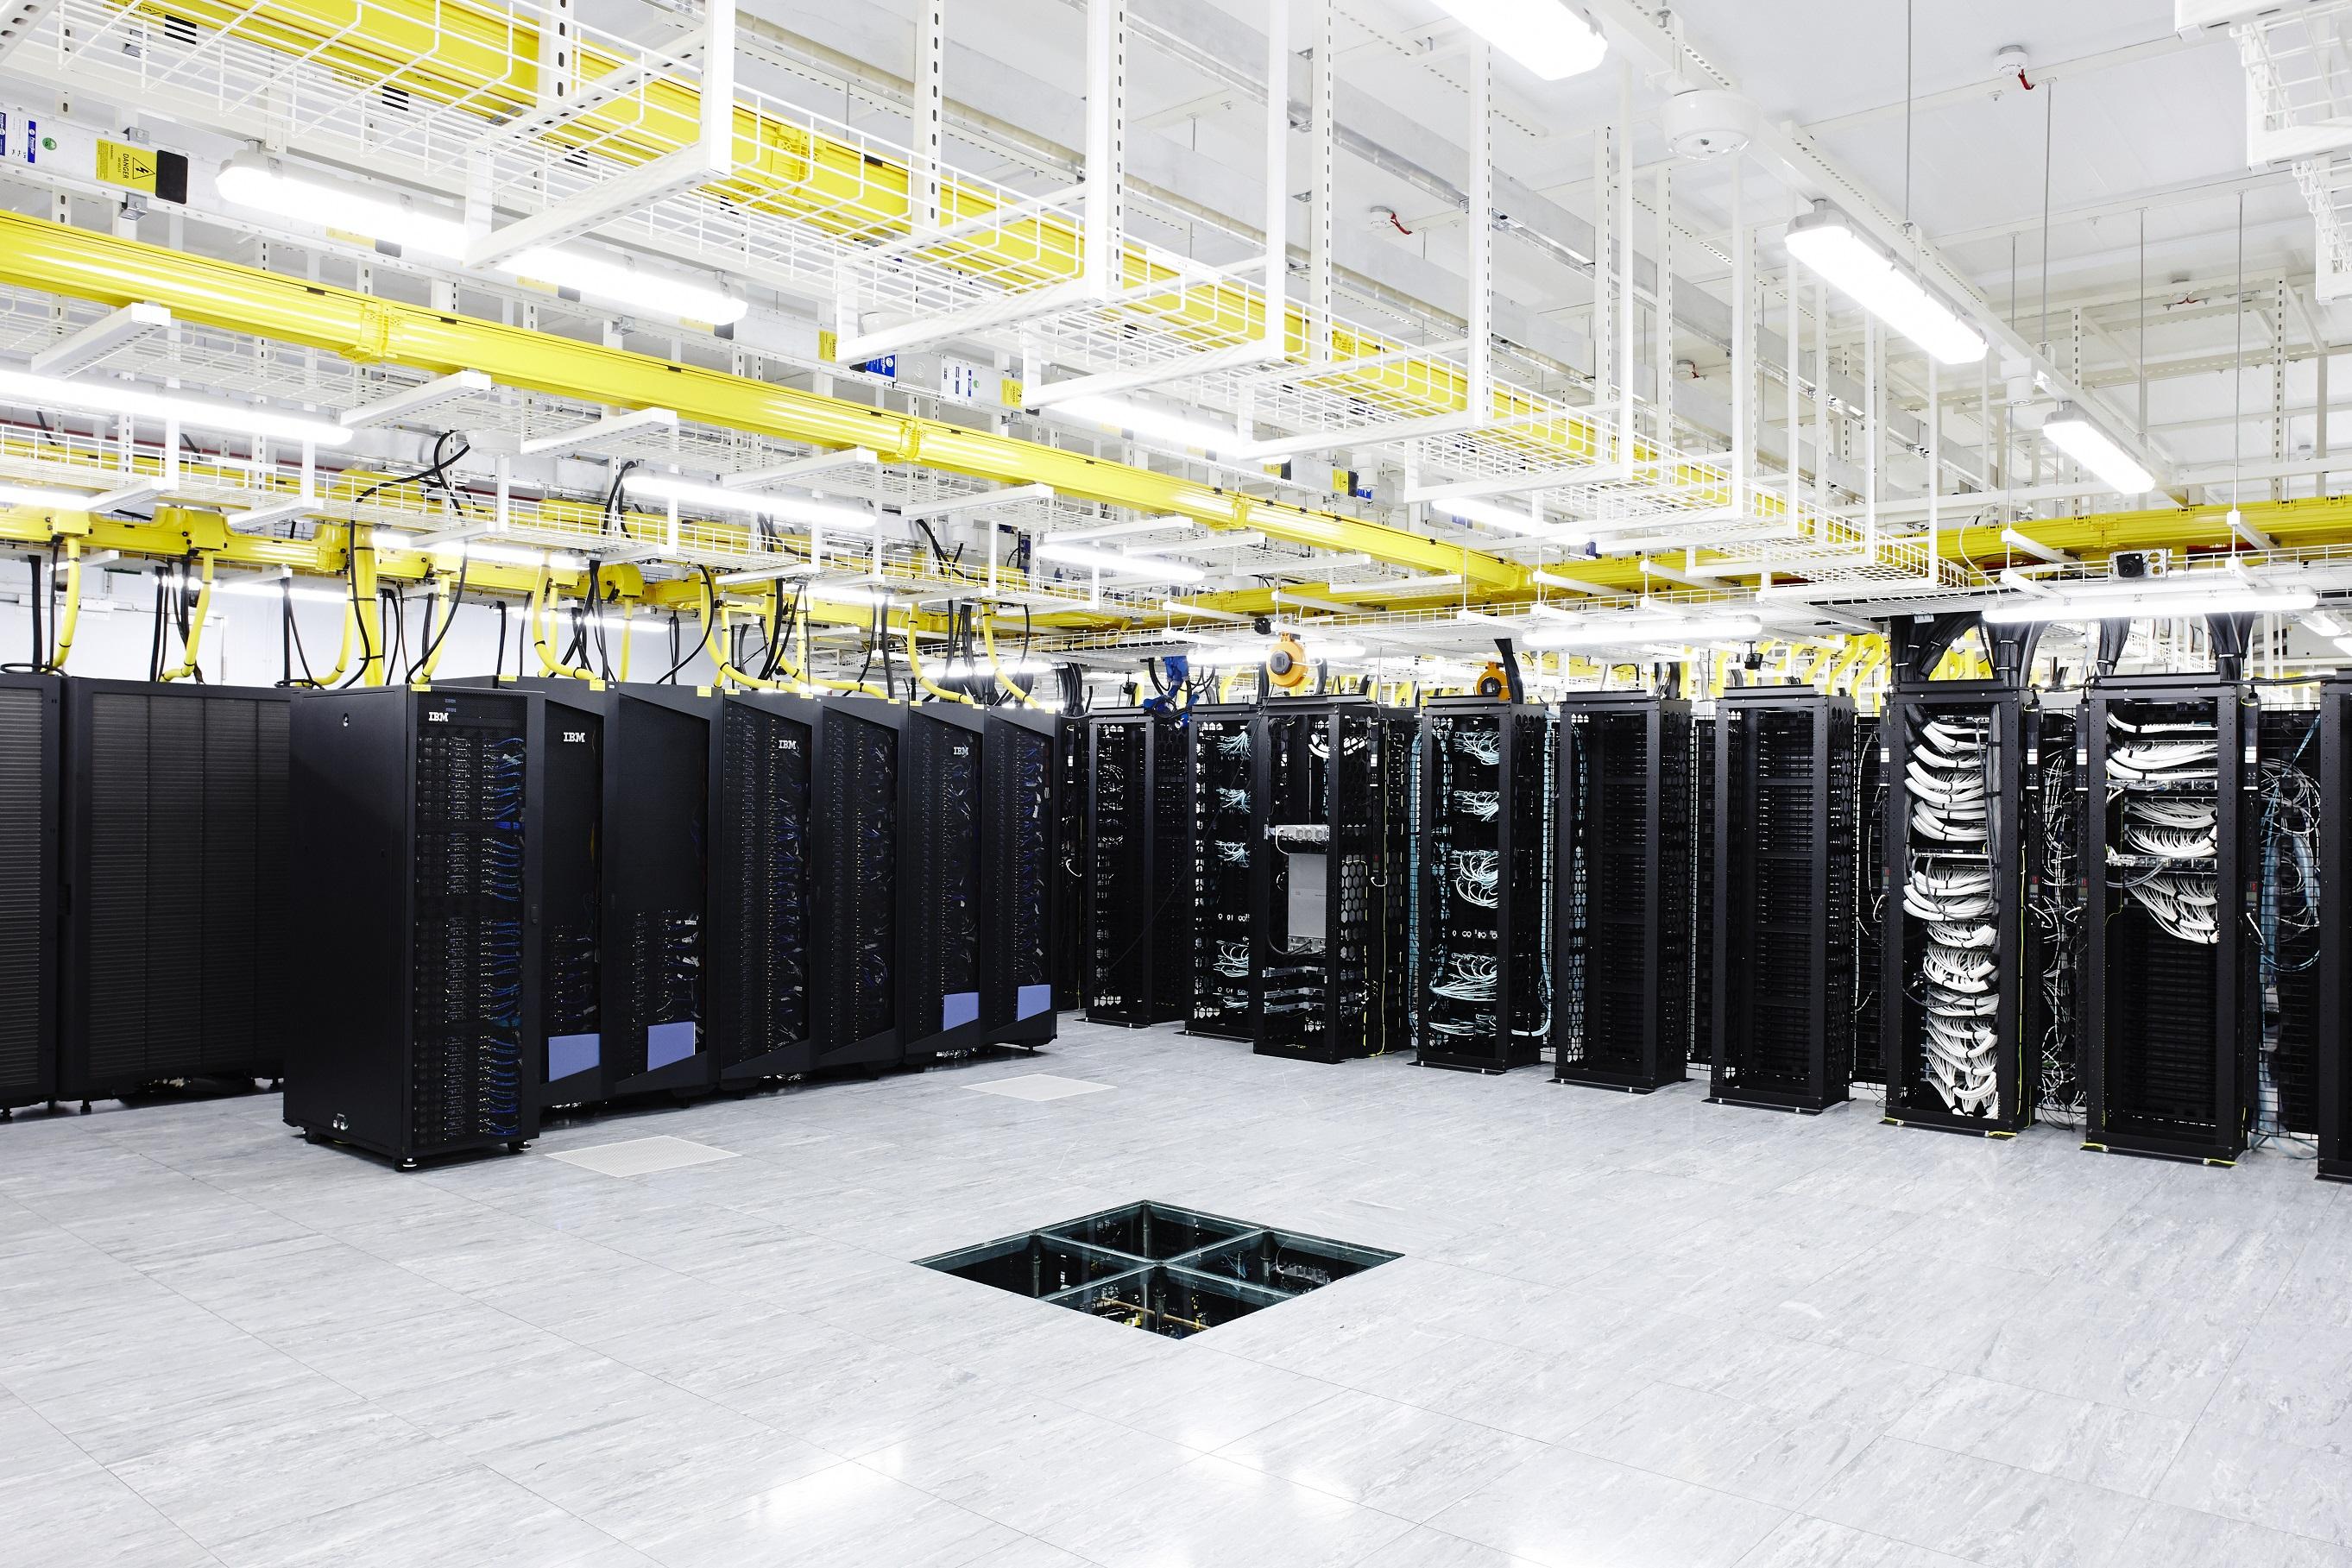 Gartner Forecasts Global IT Spending Will Reach $3.9 Trillion in 2020